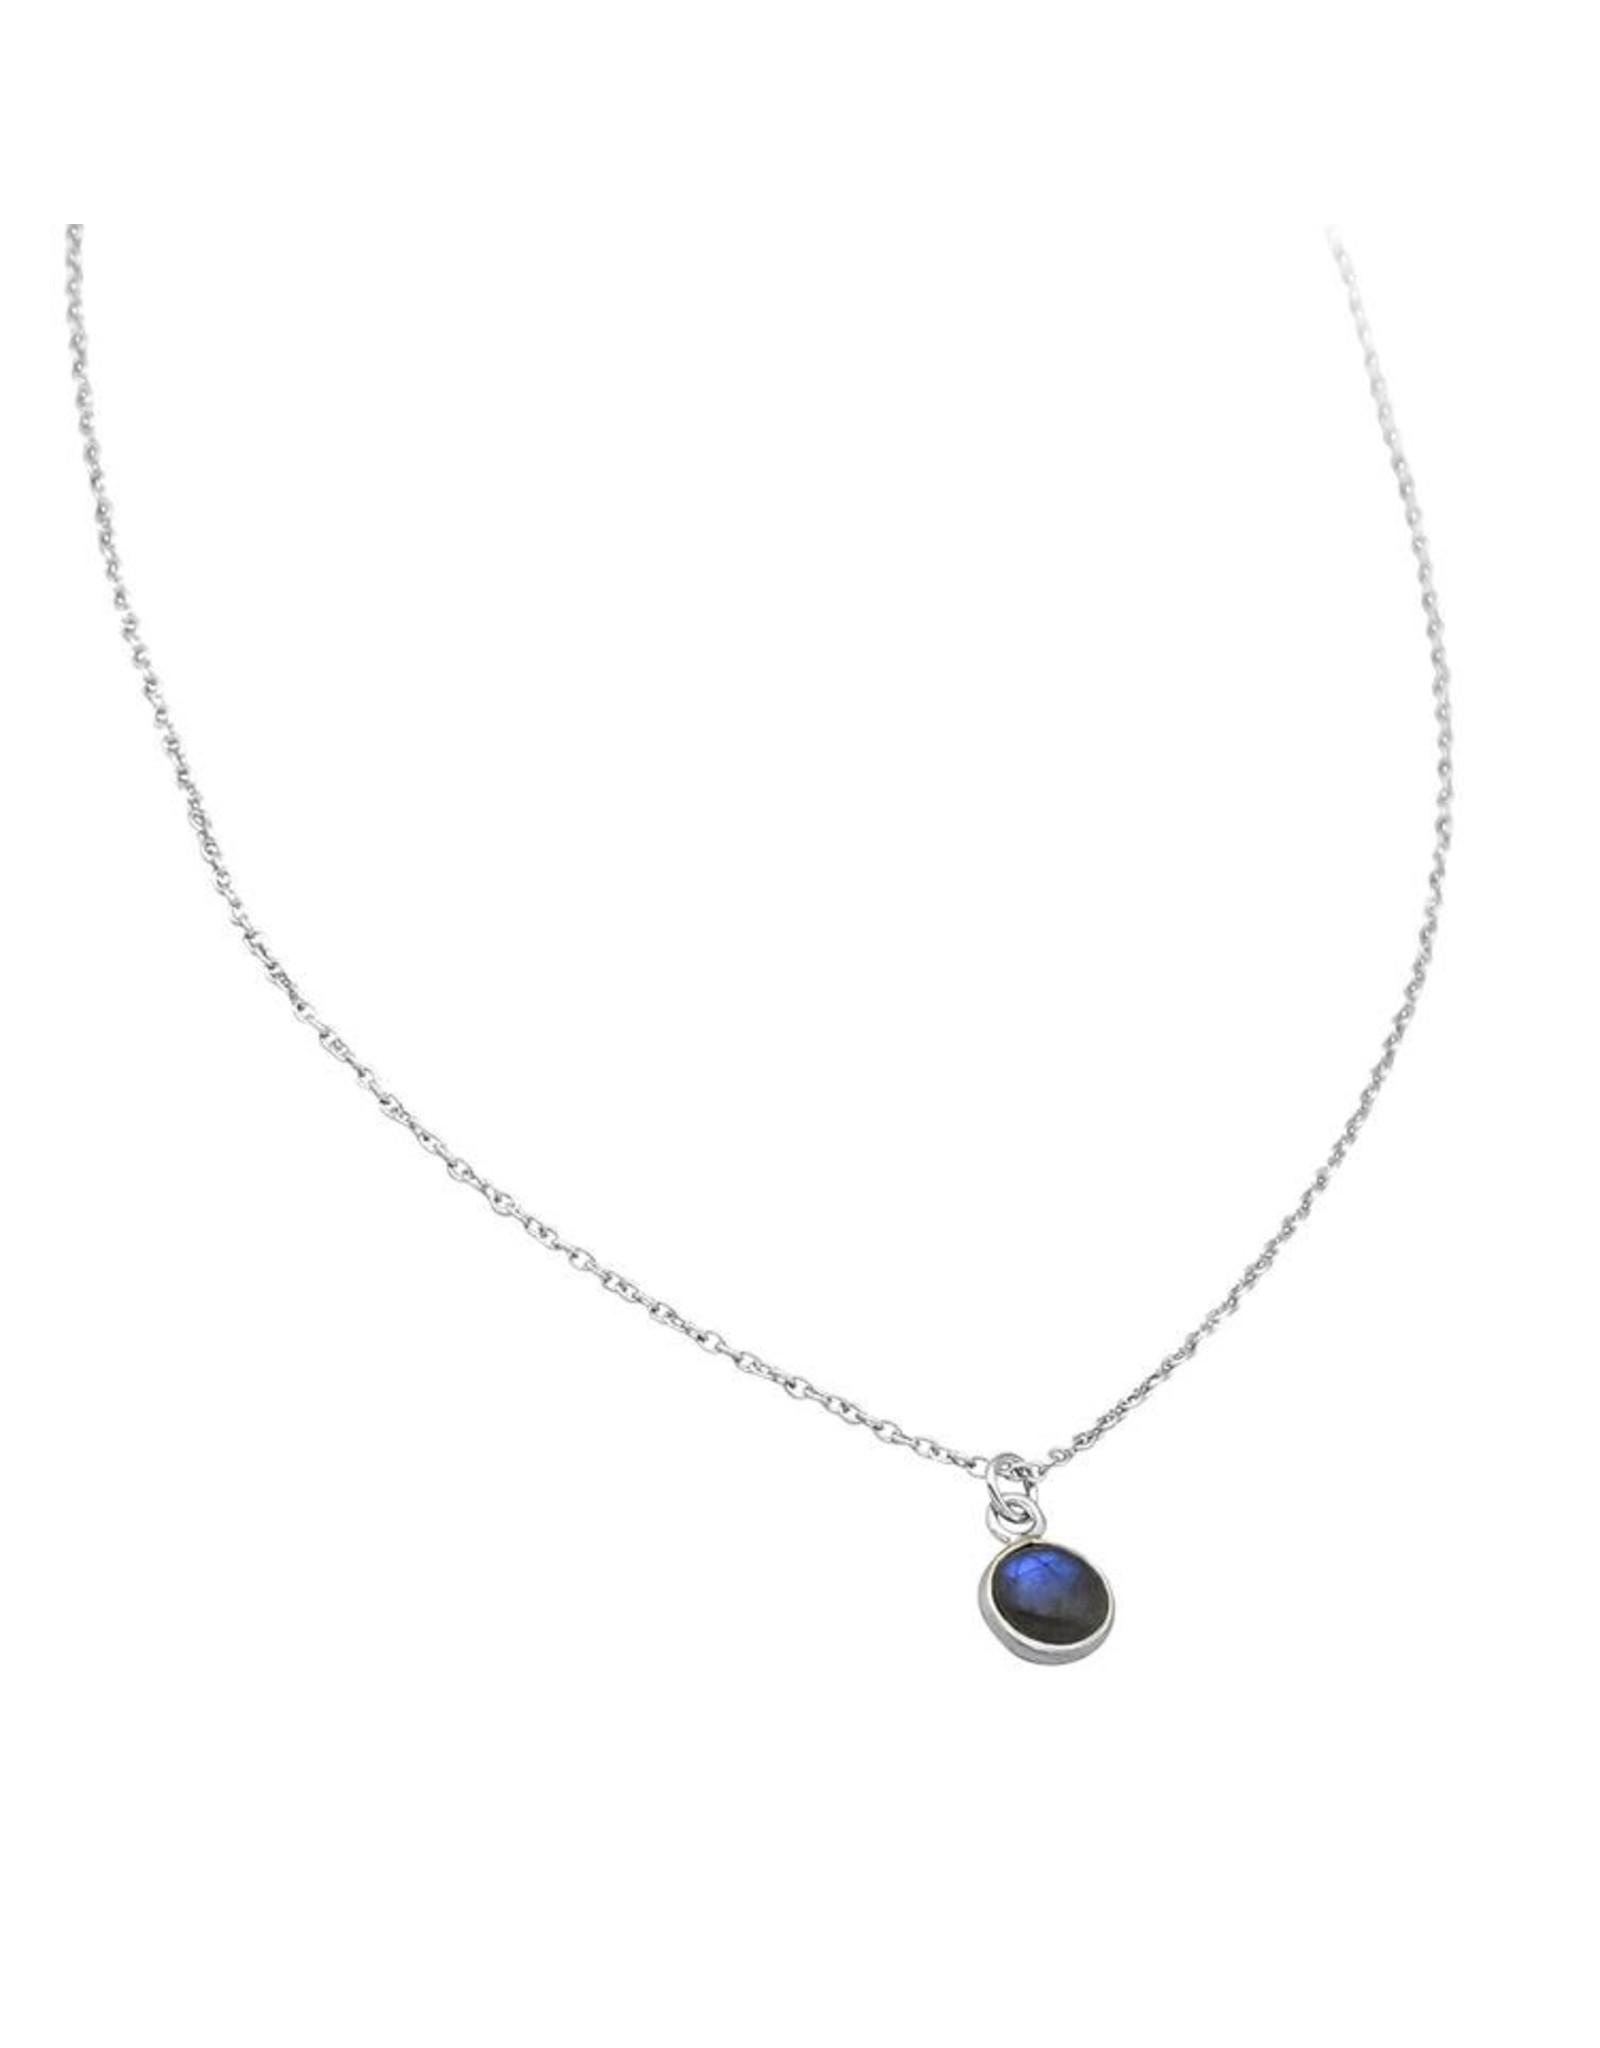 Halskette Round Cabuchon  labradorit 925 Silber